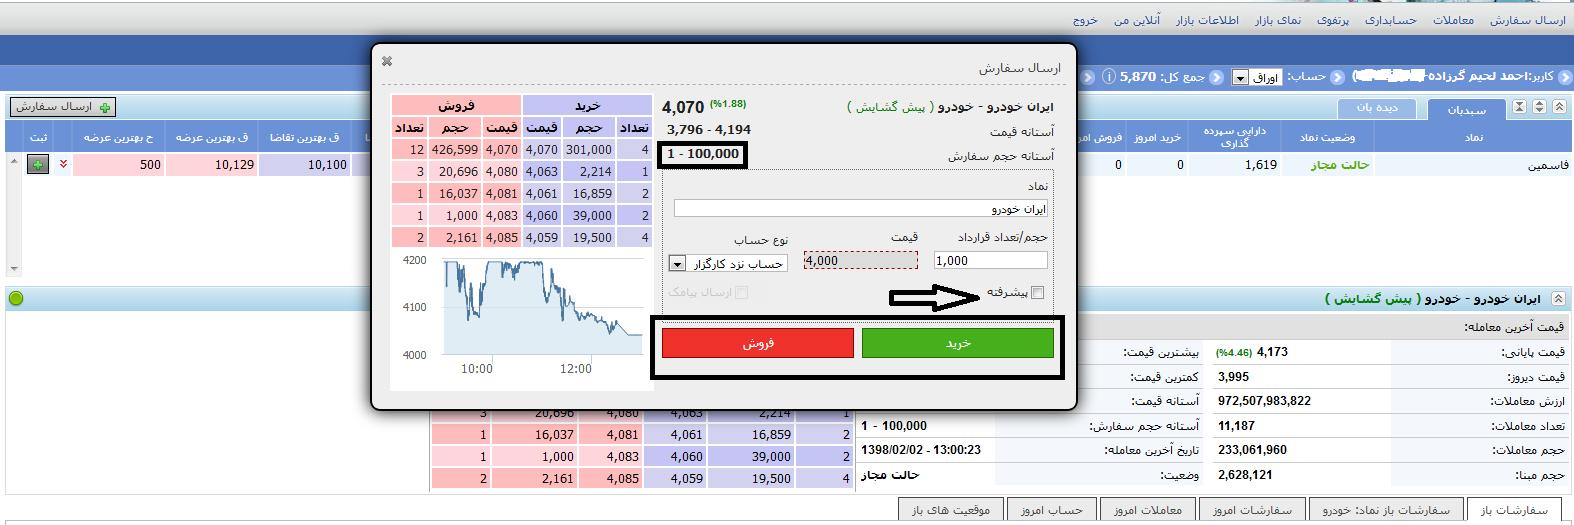 معاملات آنلاین در بورس ایران